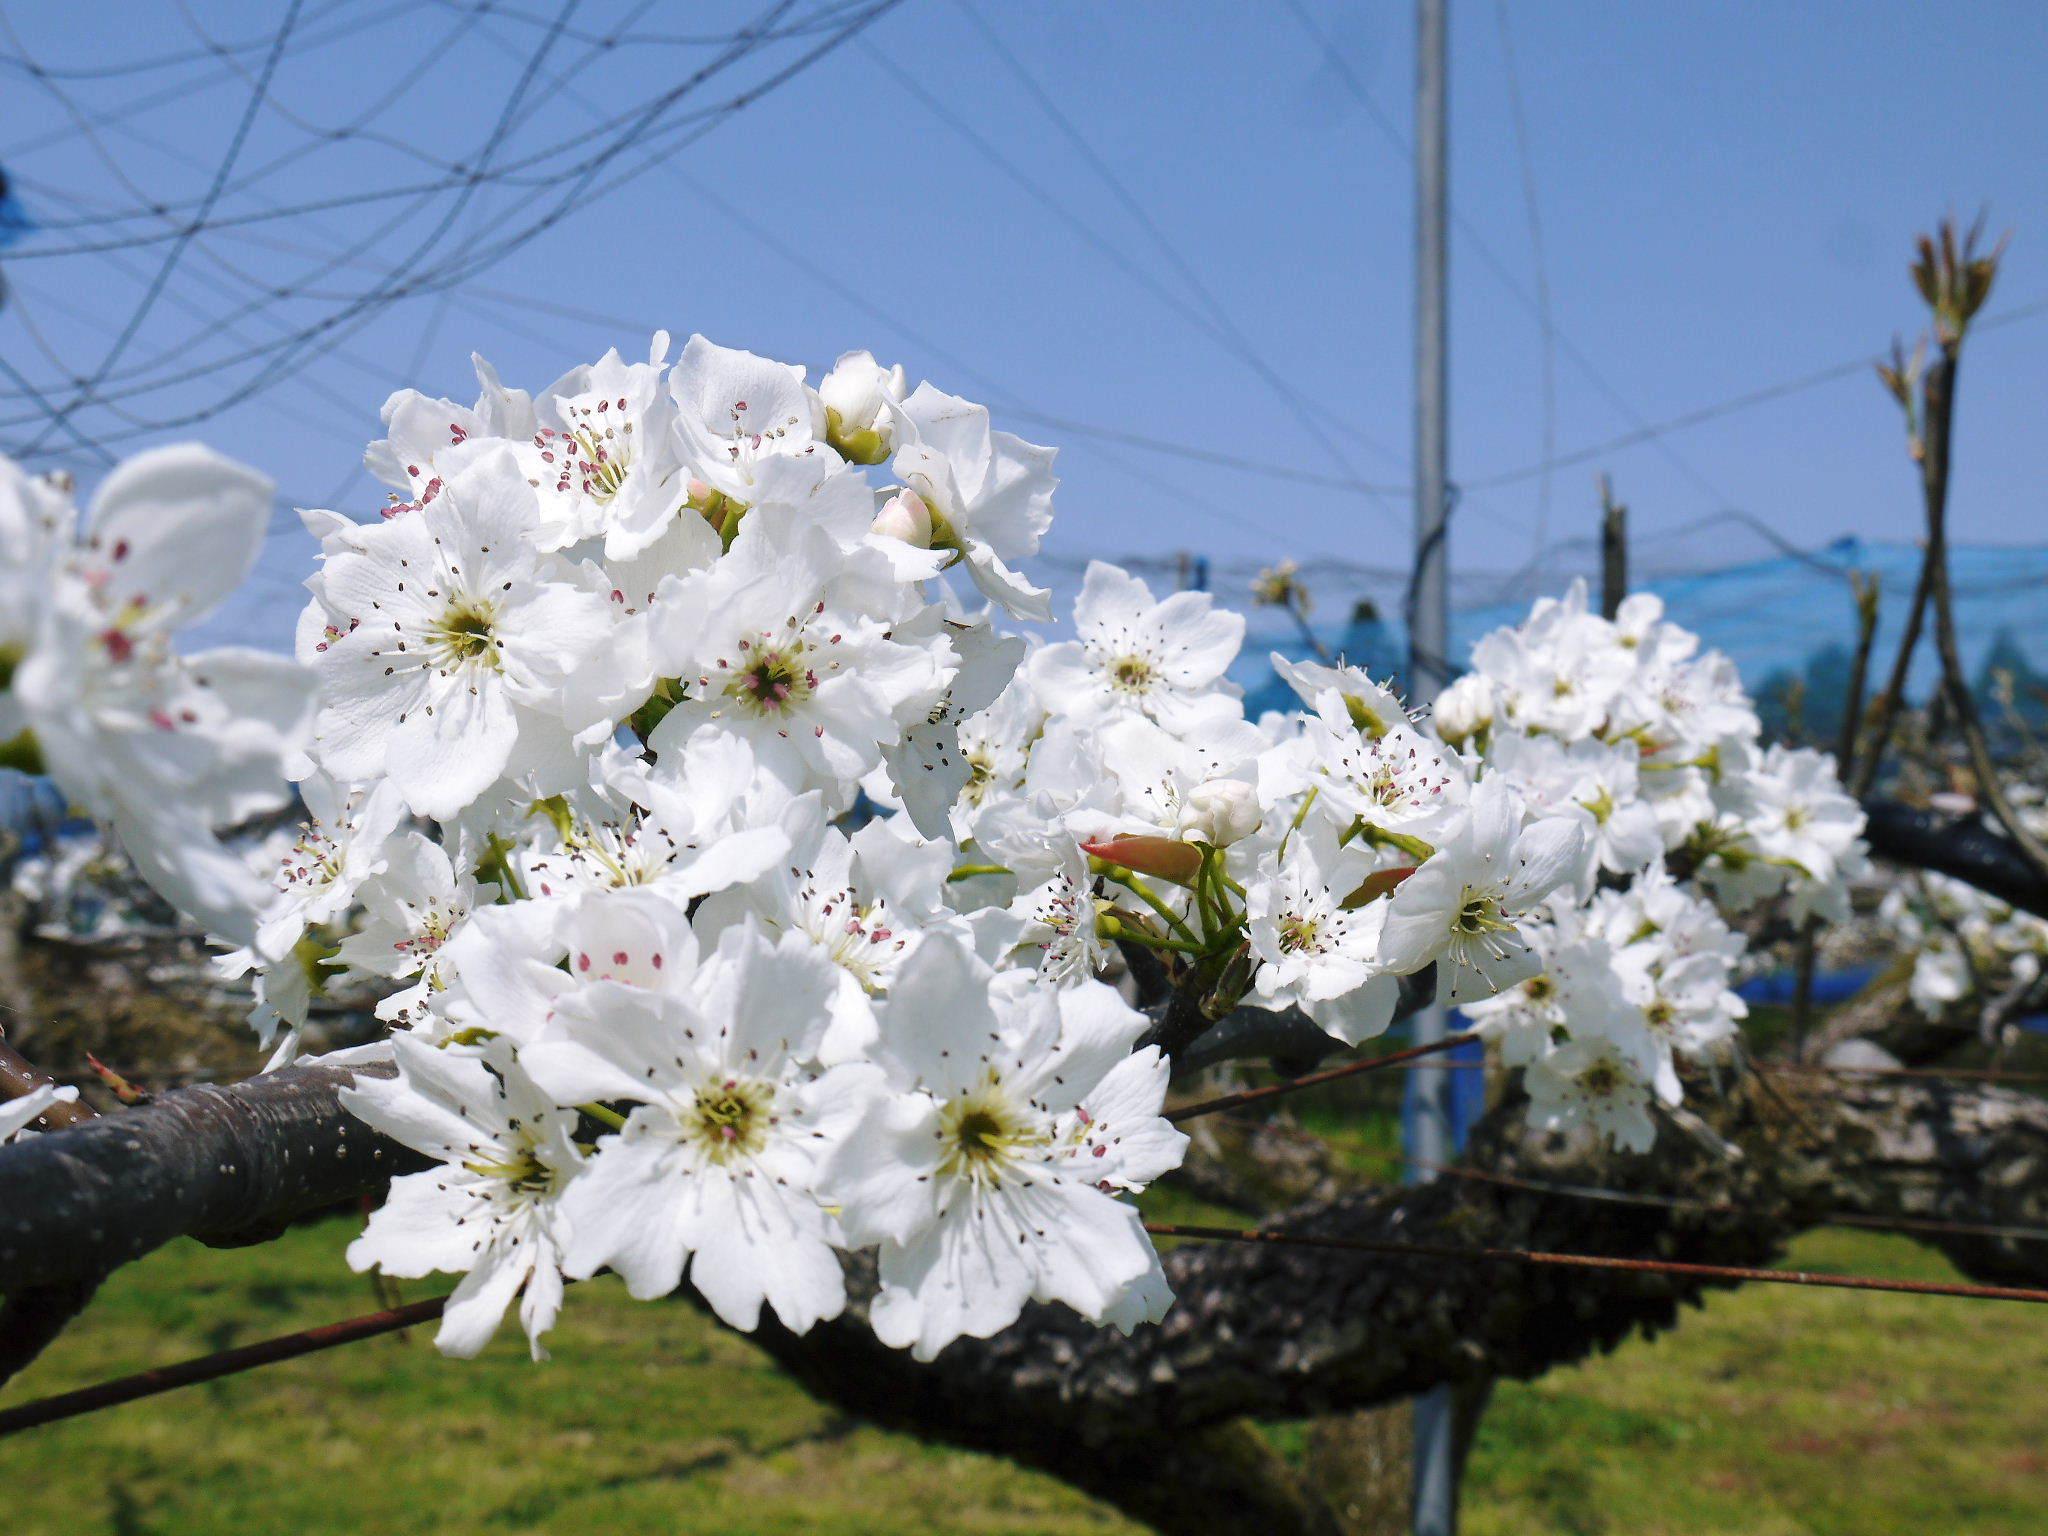 熊本梨 岩永農園 気温の上昇と共に、まずは最後に収穫する新高の花が咲き誇っていました_a0254656_18533702.jpg